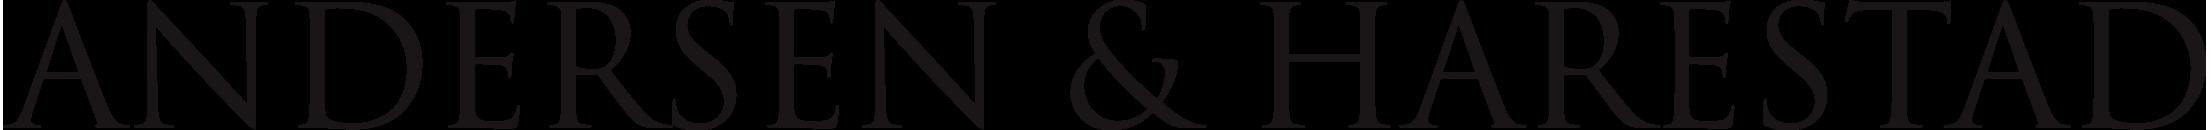 Logo navnetrekk